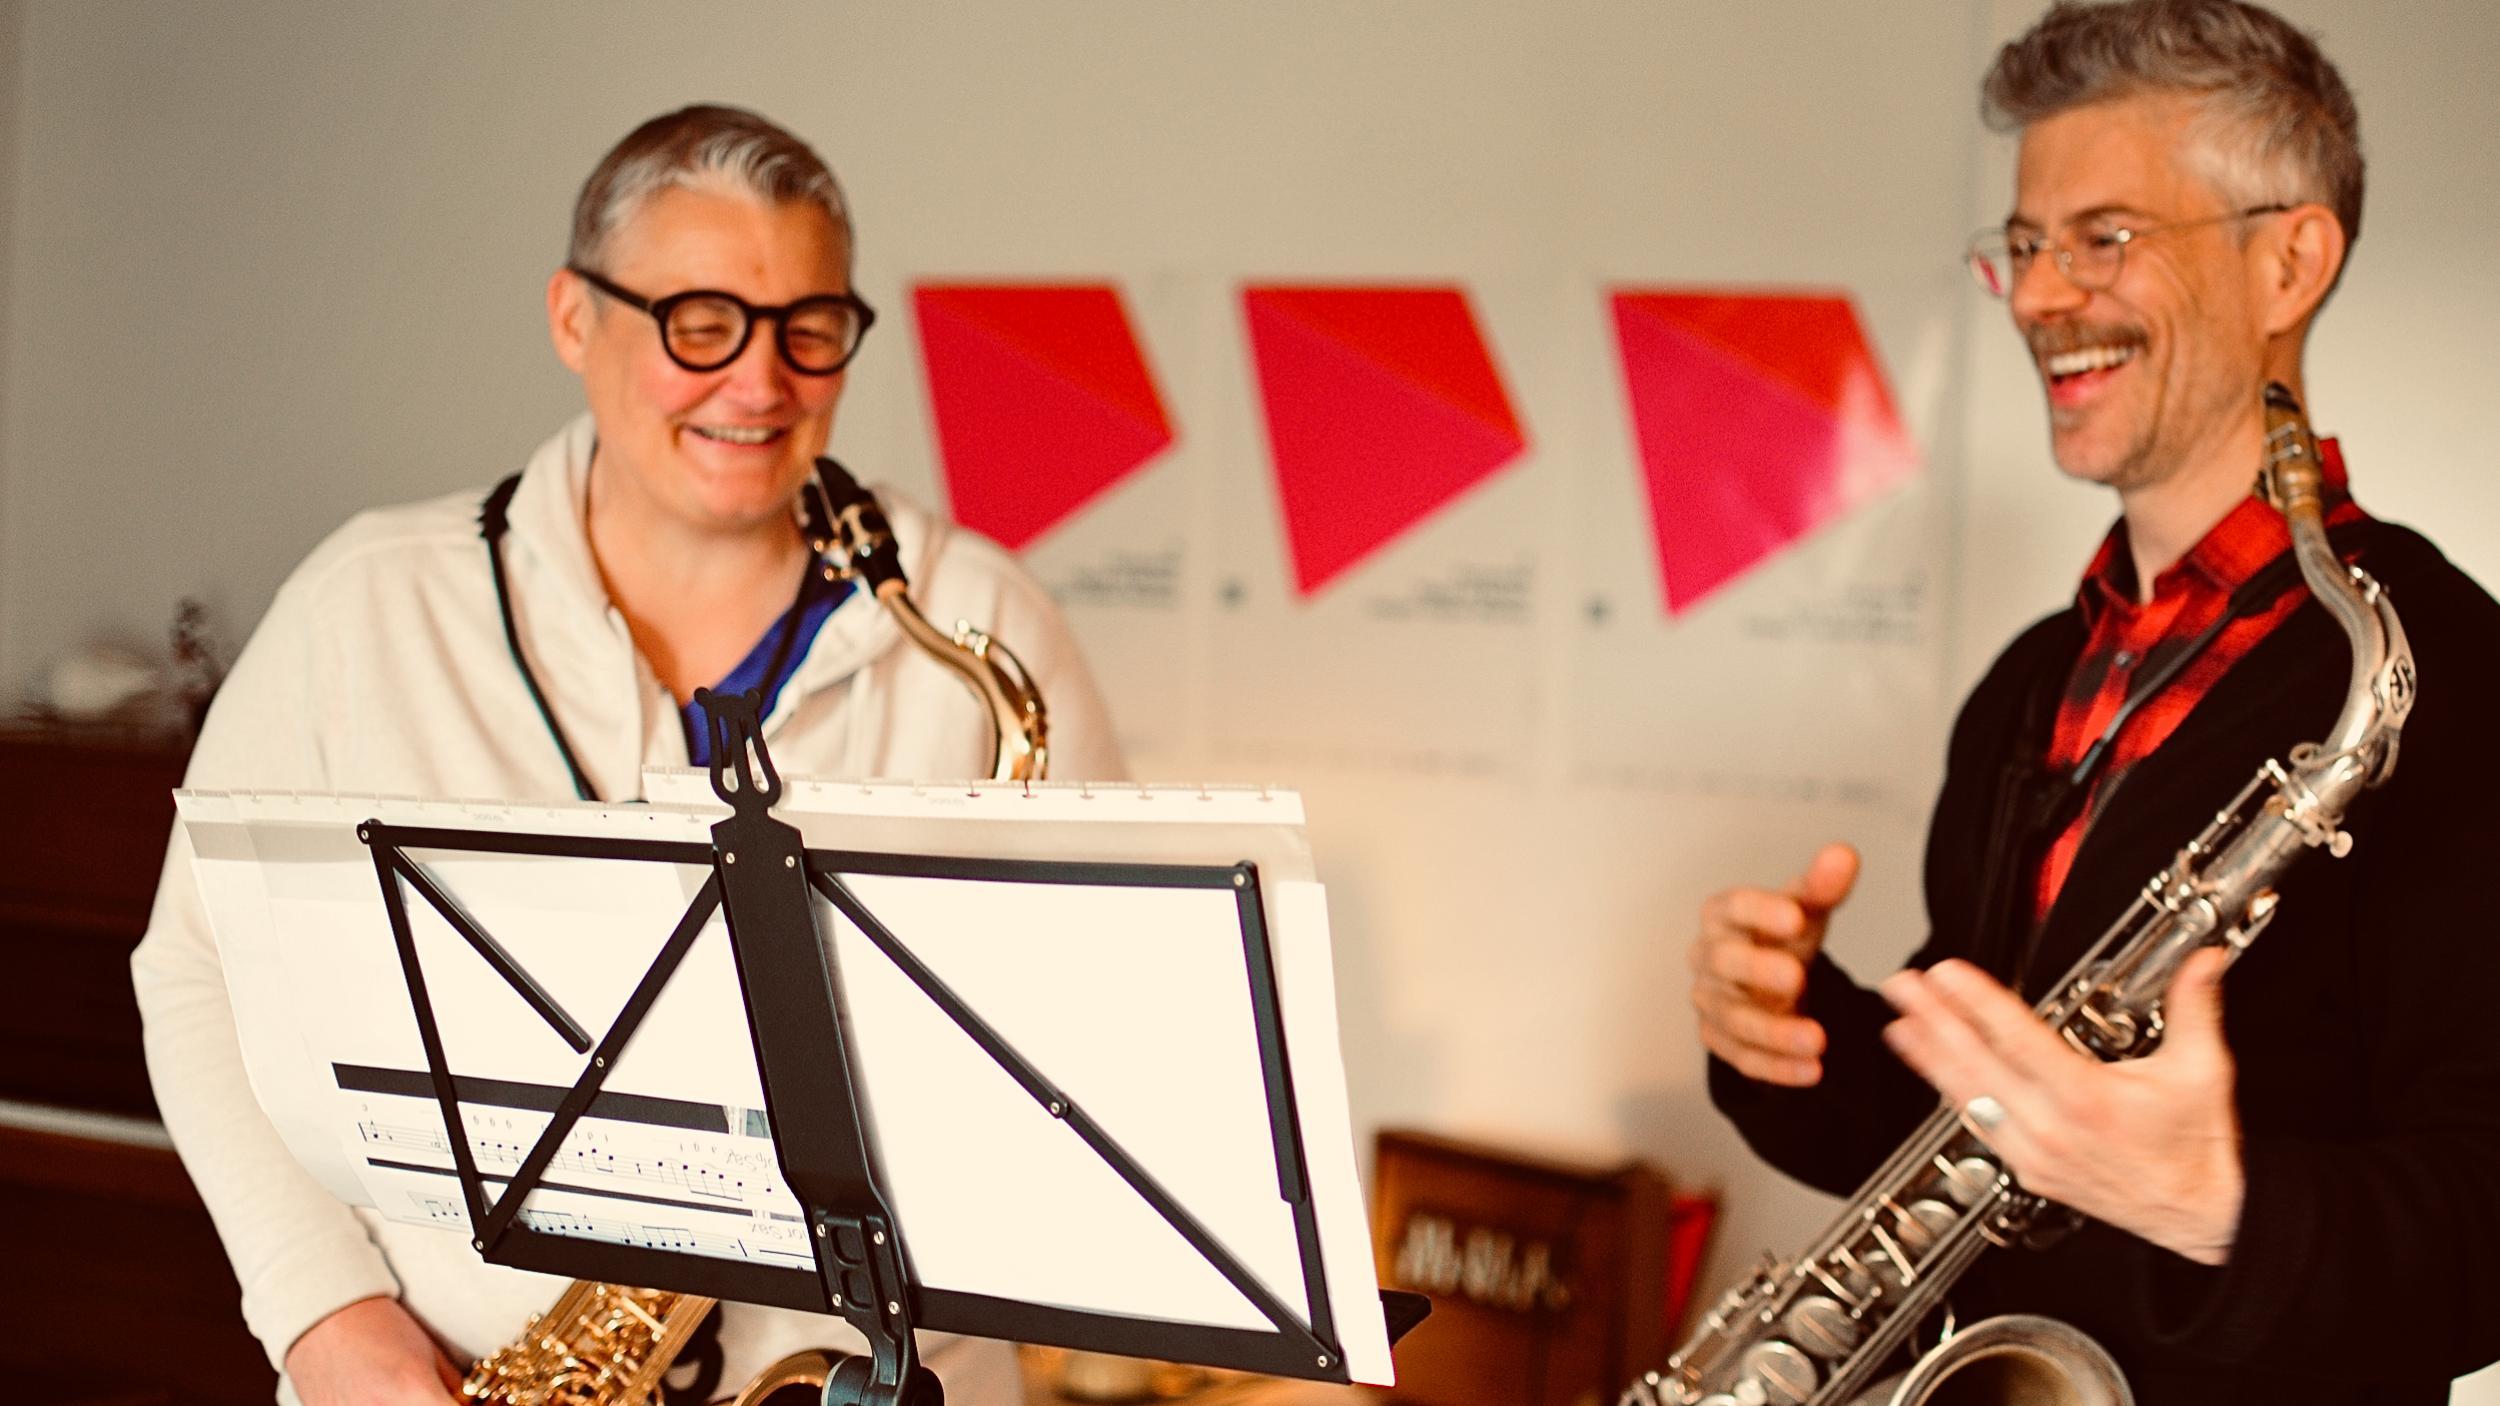 Saxophonunterricht für Erwachsenen in Zürich: Lerne Sax spielen wie es Dir gefällt!